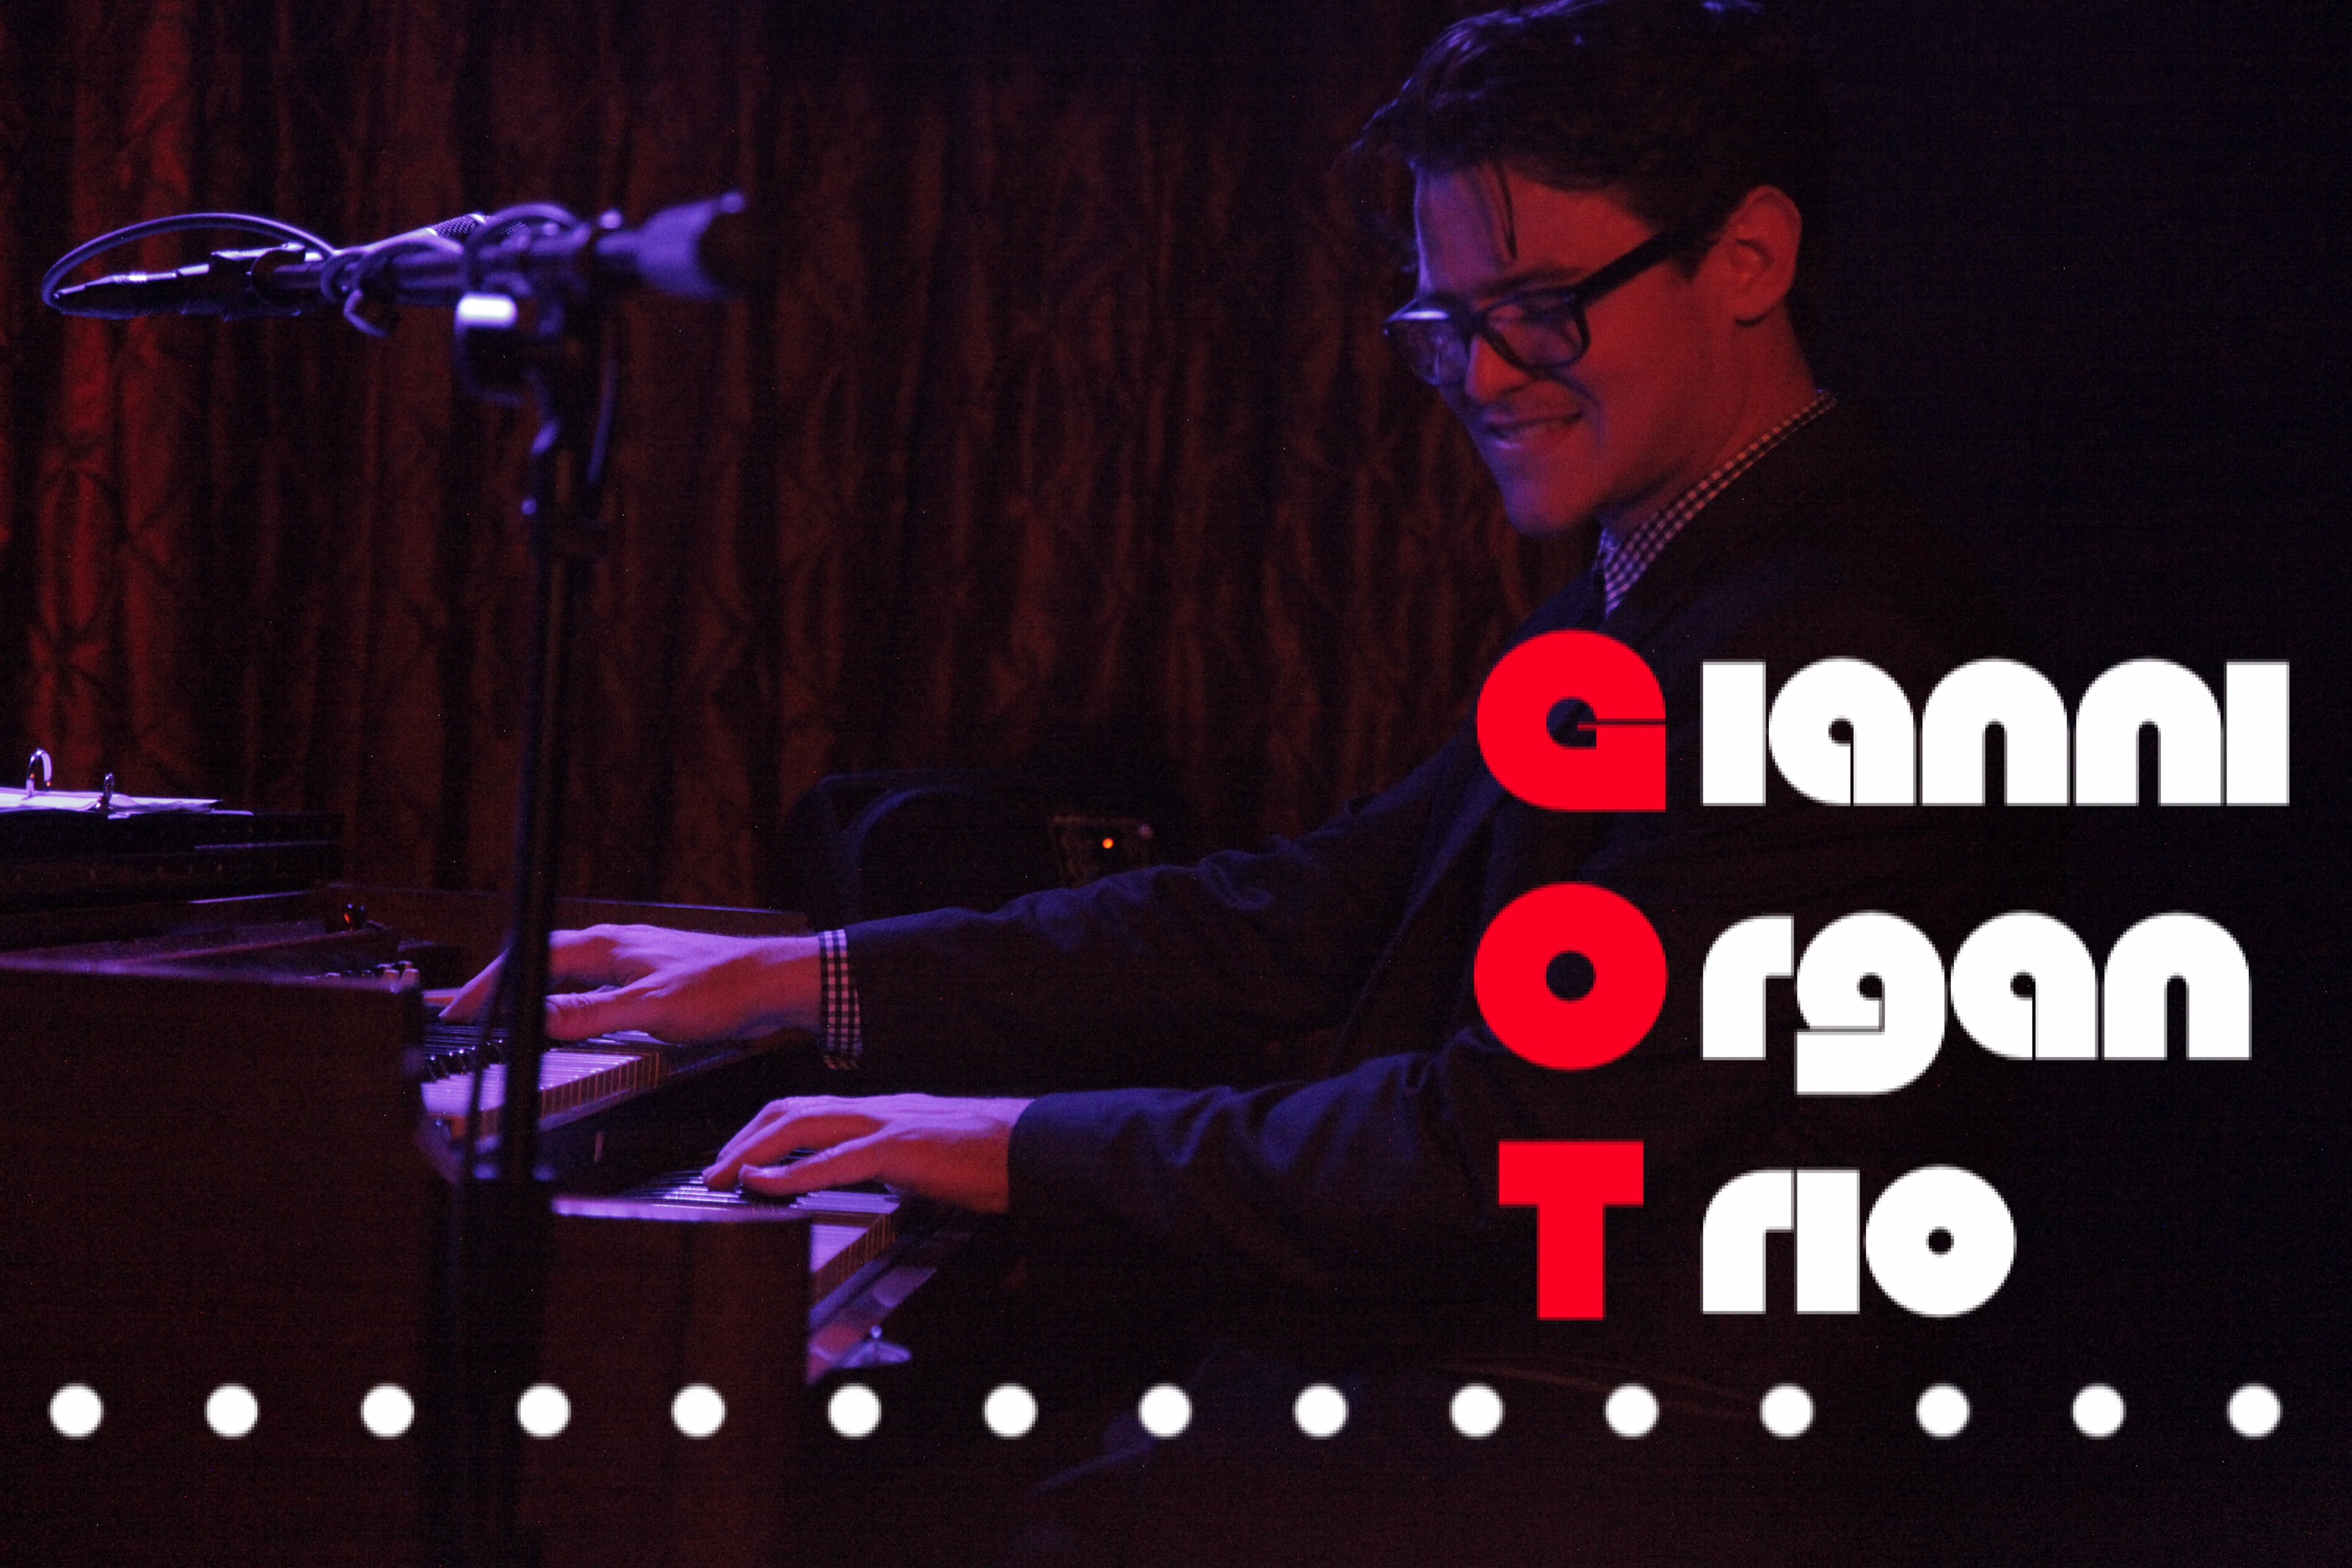 Gianni Organ Trio